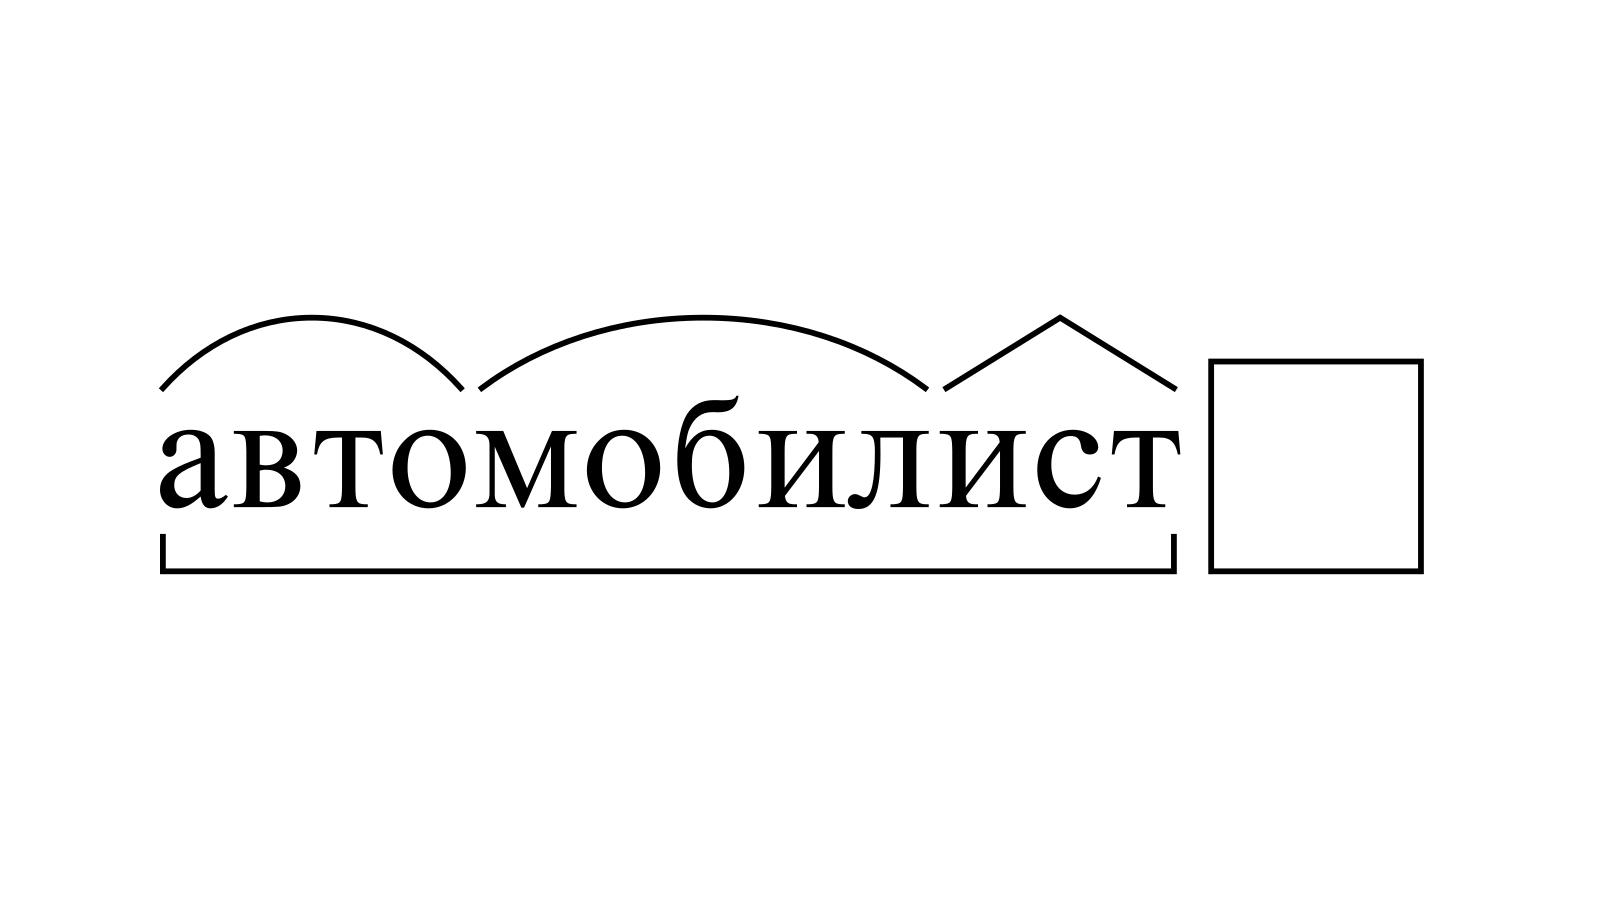 Разбор слова «автомобилист» по составу